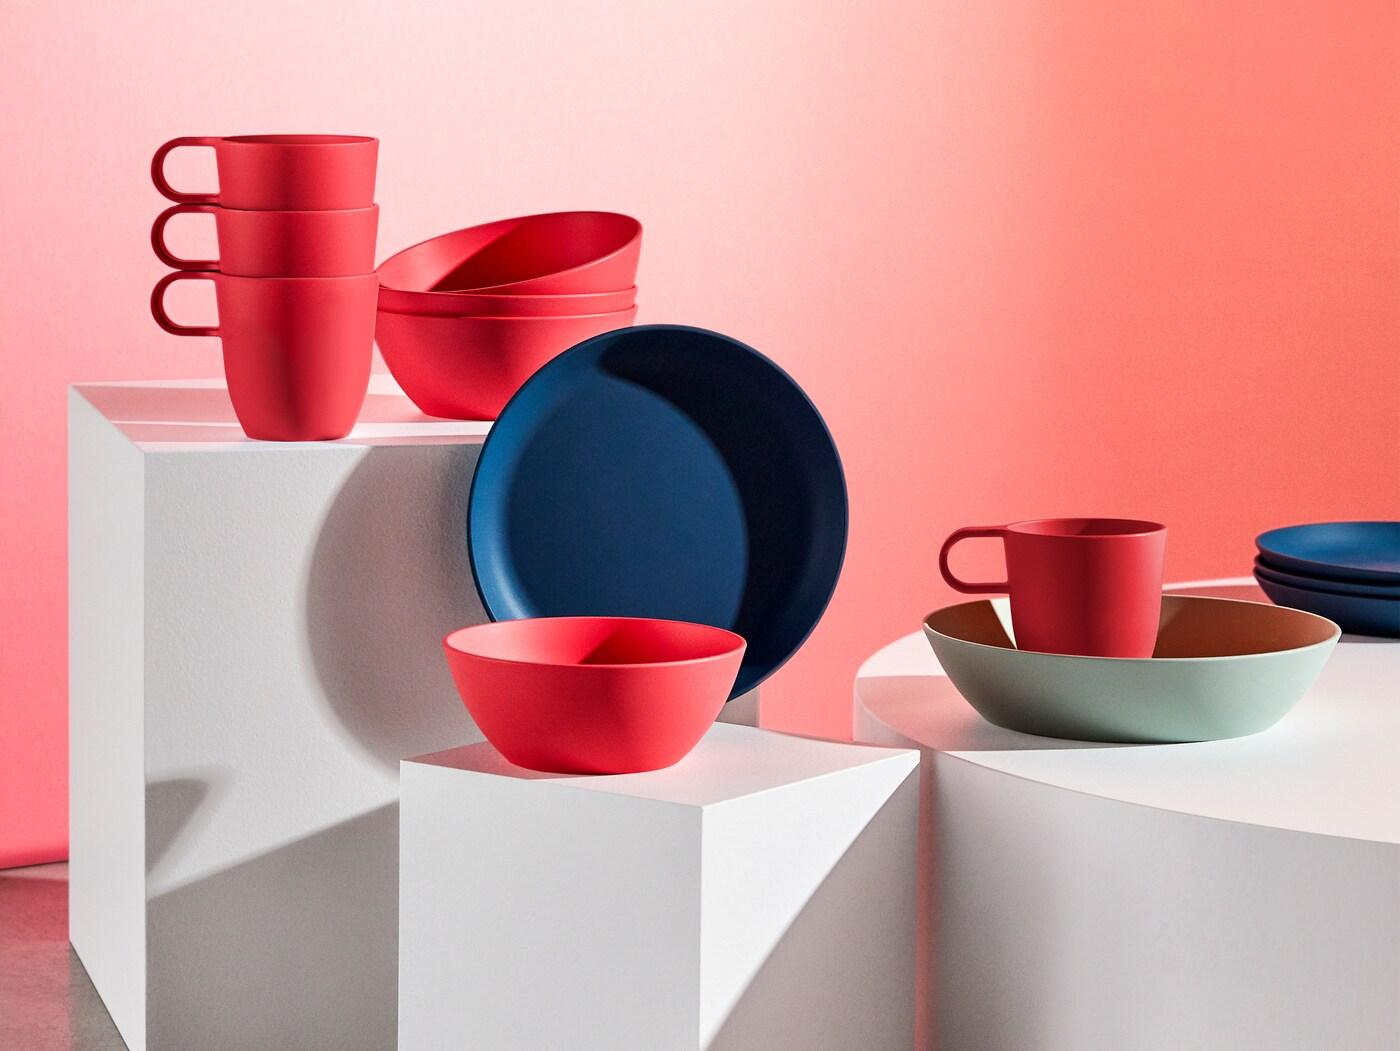 Eine Auswahl von TALRIKA Bechern, Schüsseln und Tellern in Rot, Hellgrün und Dunkelblau